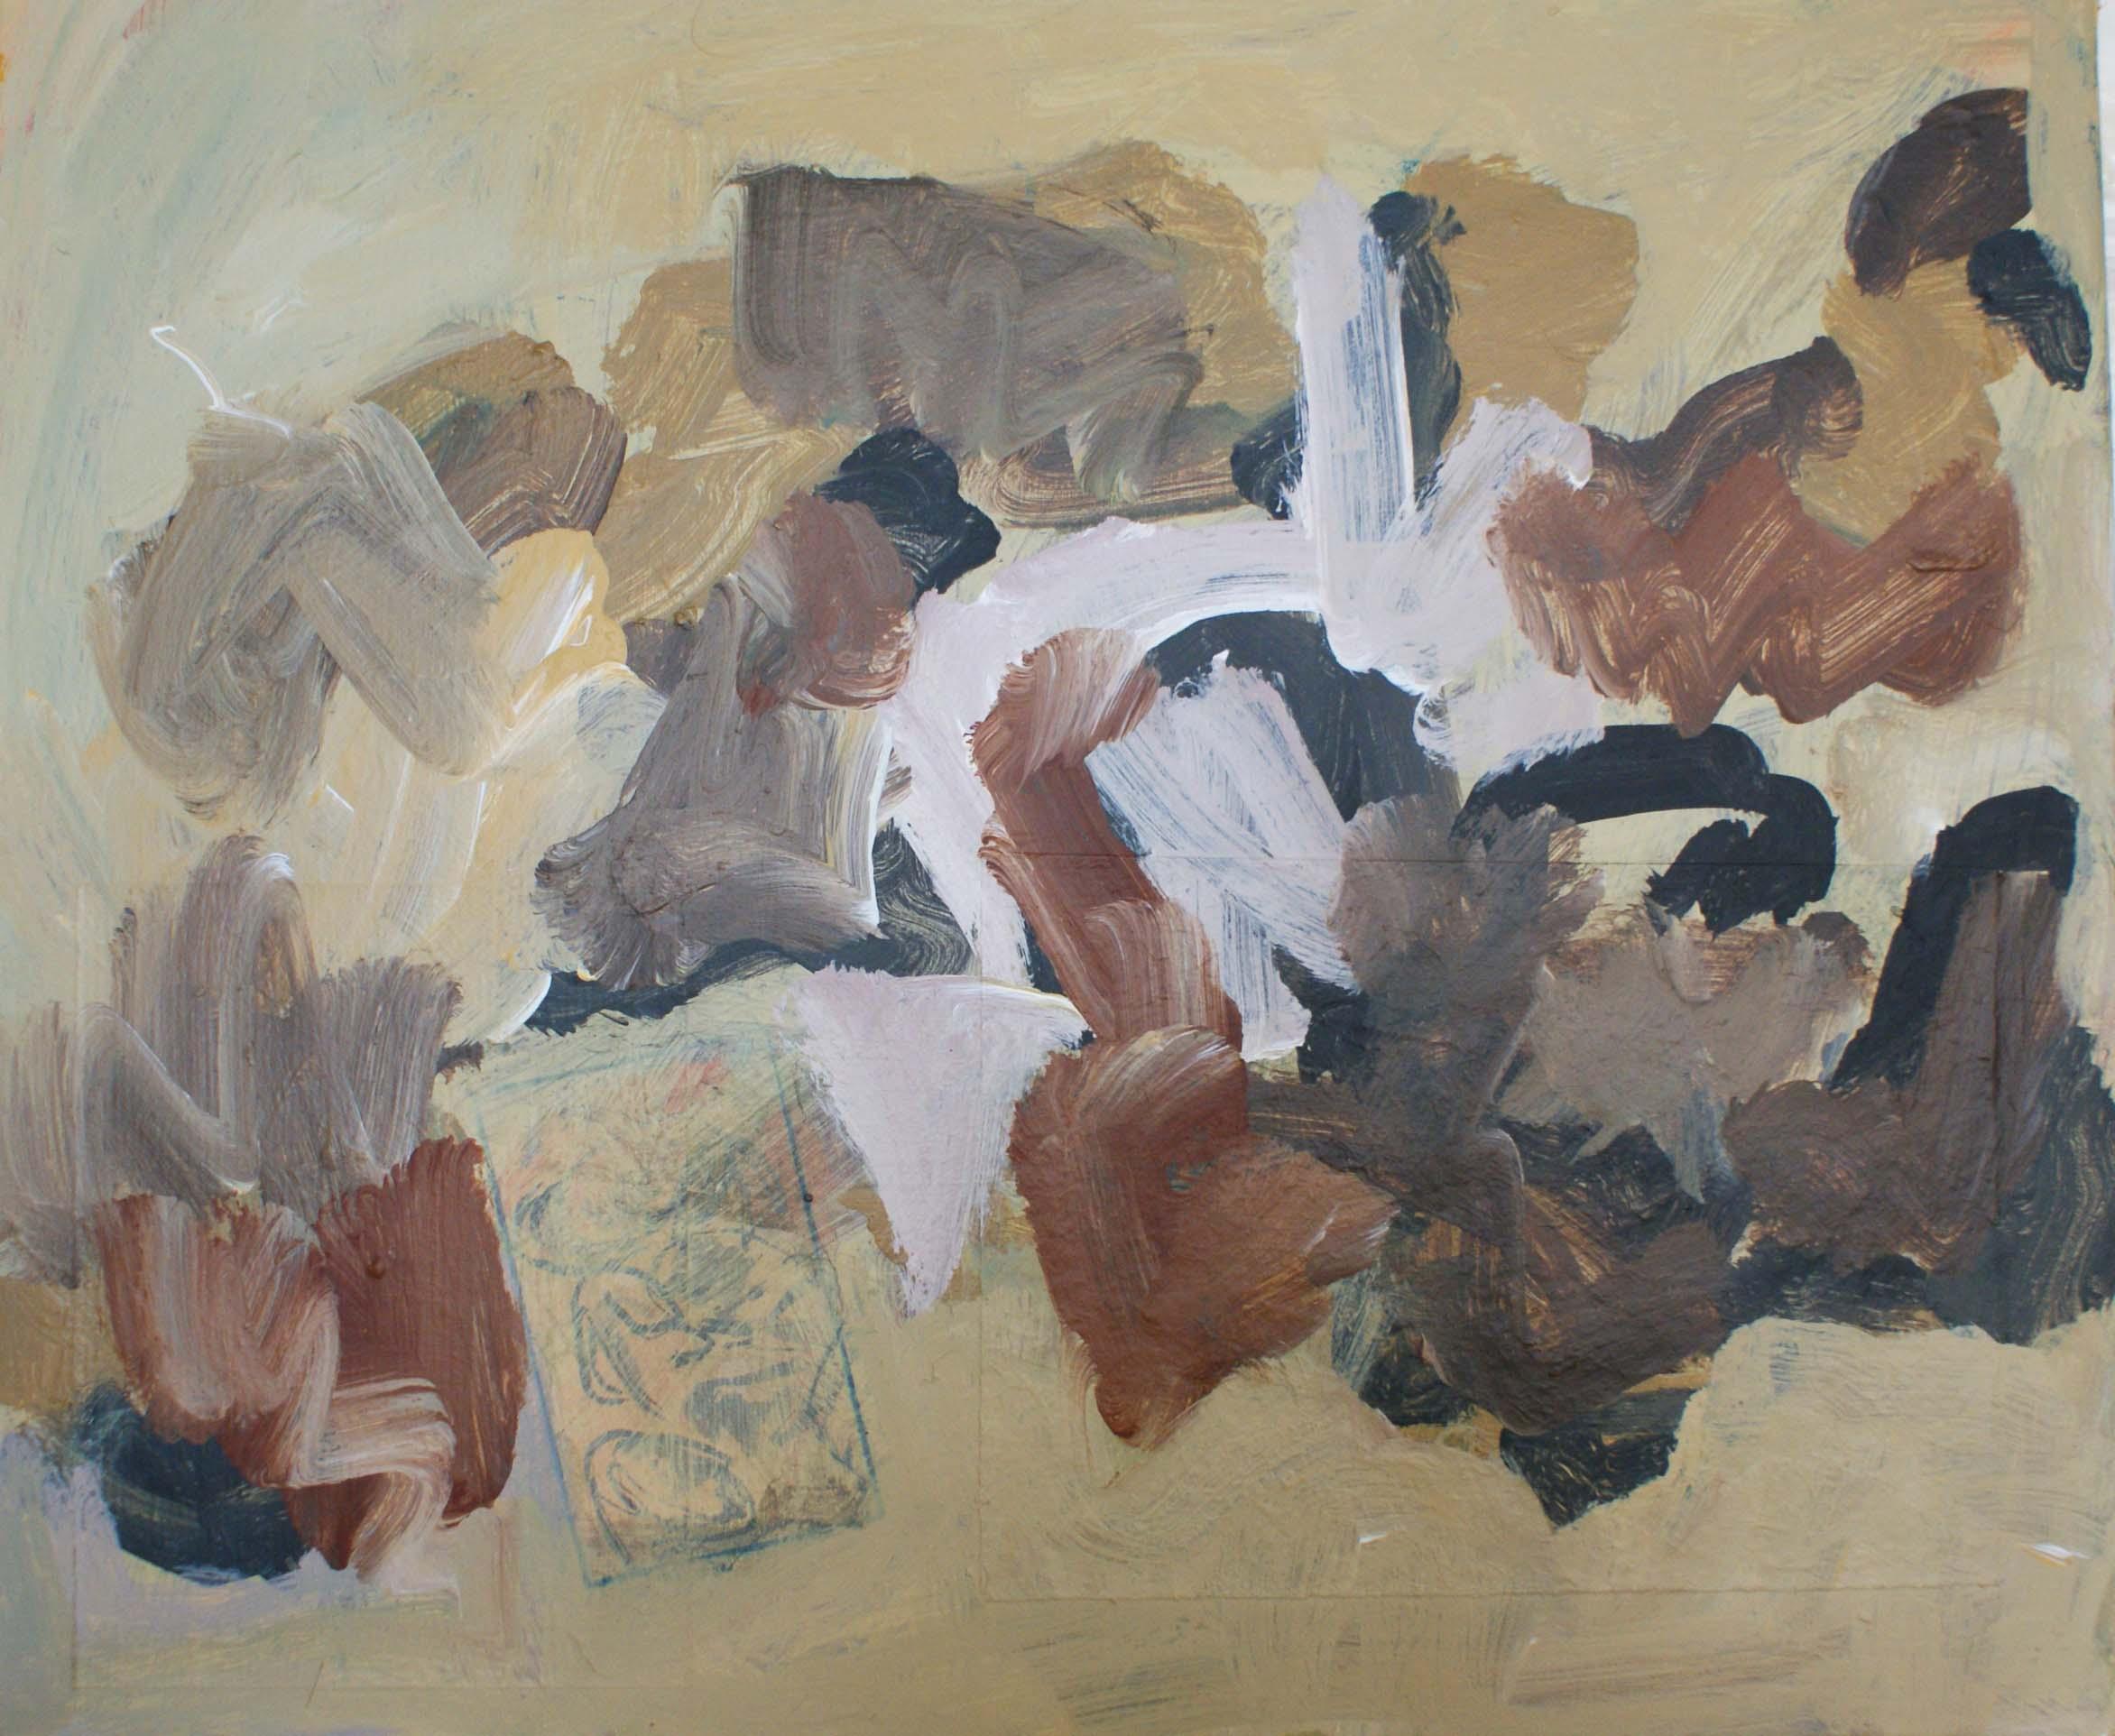 pierres et mer ochre, 2016, 55x45,5 acrylique sur toile sm